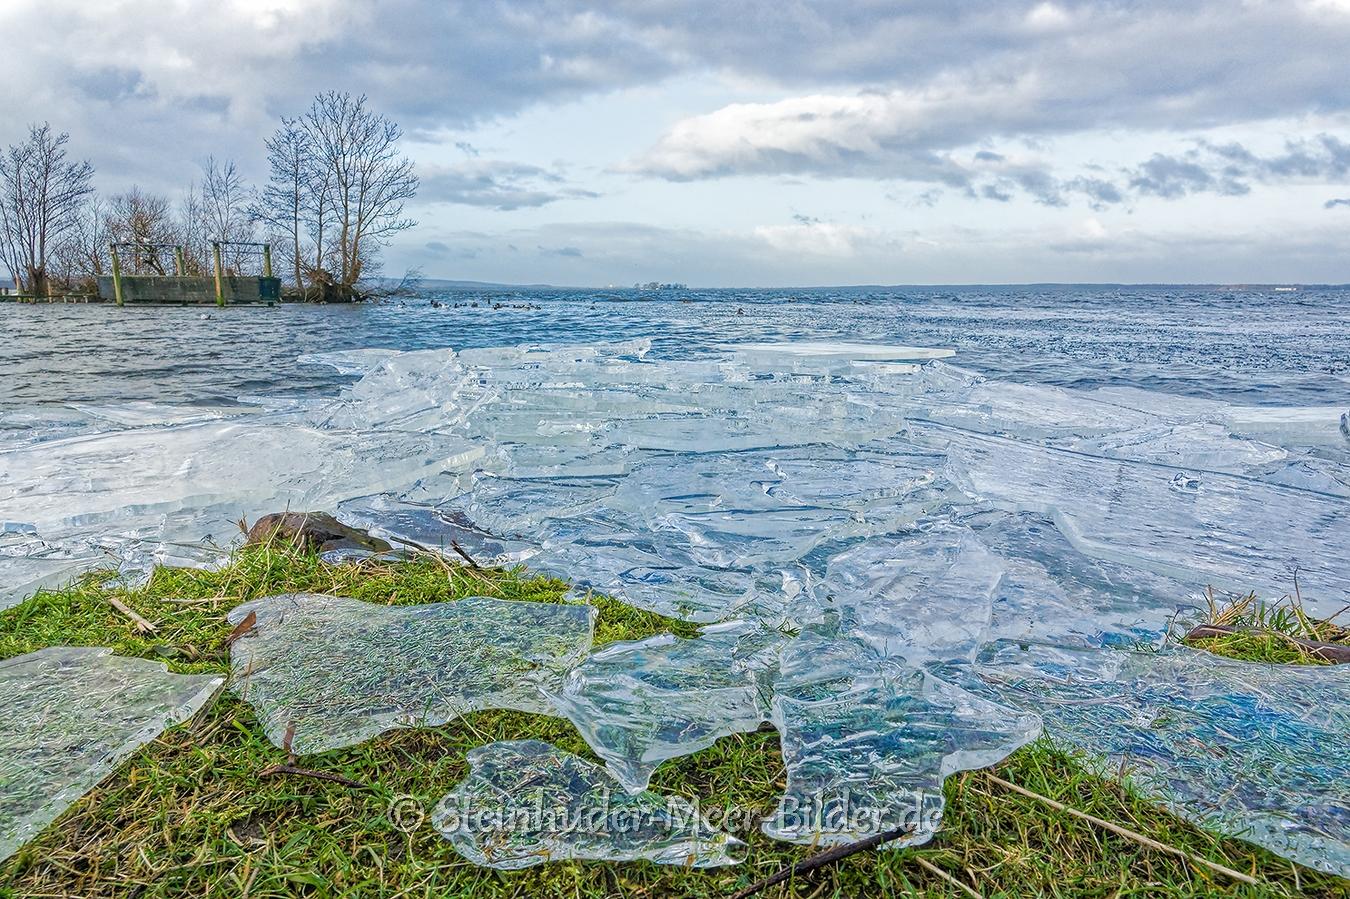 eisschollen-winter-steinhuder-meer-eisdecke-schnee-zugefroren-eisdeckedecke-naturpark-naturraum-region-RX_01072